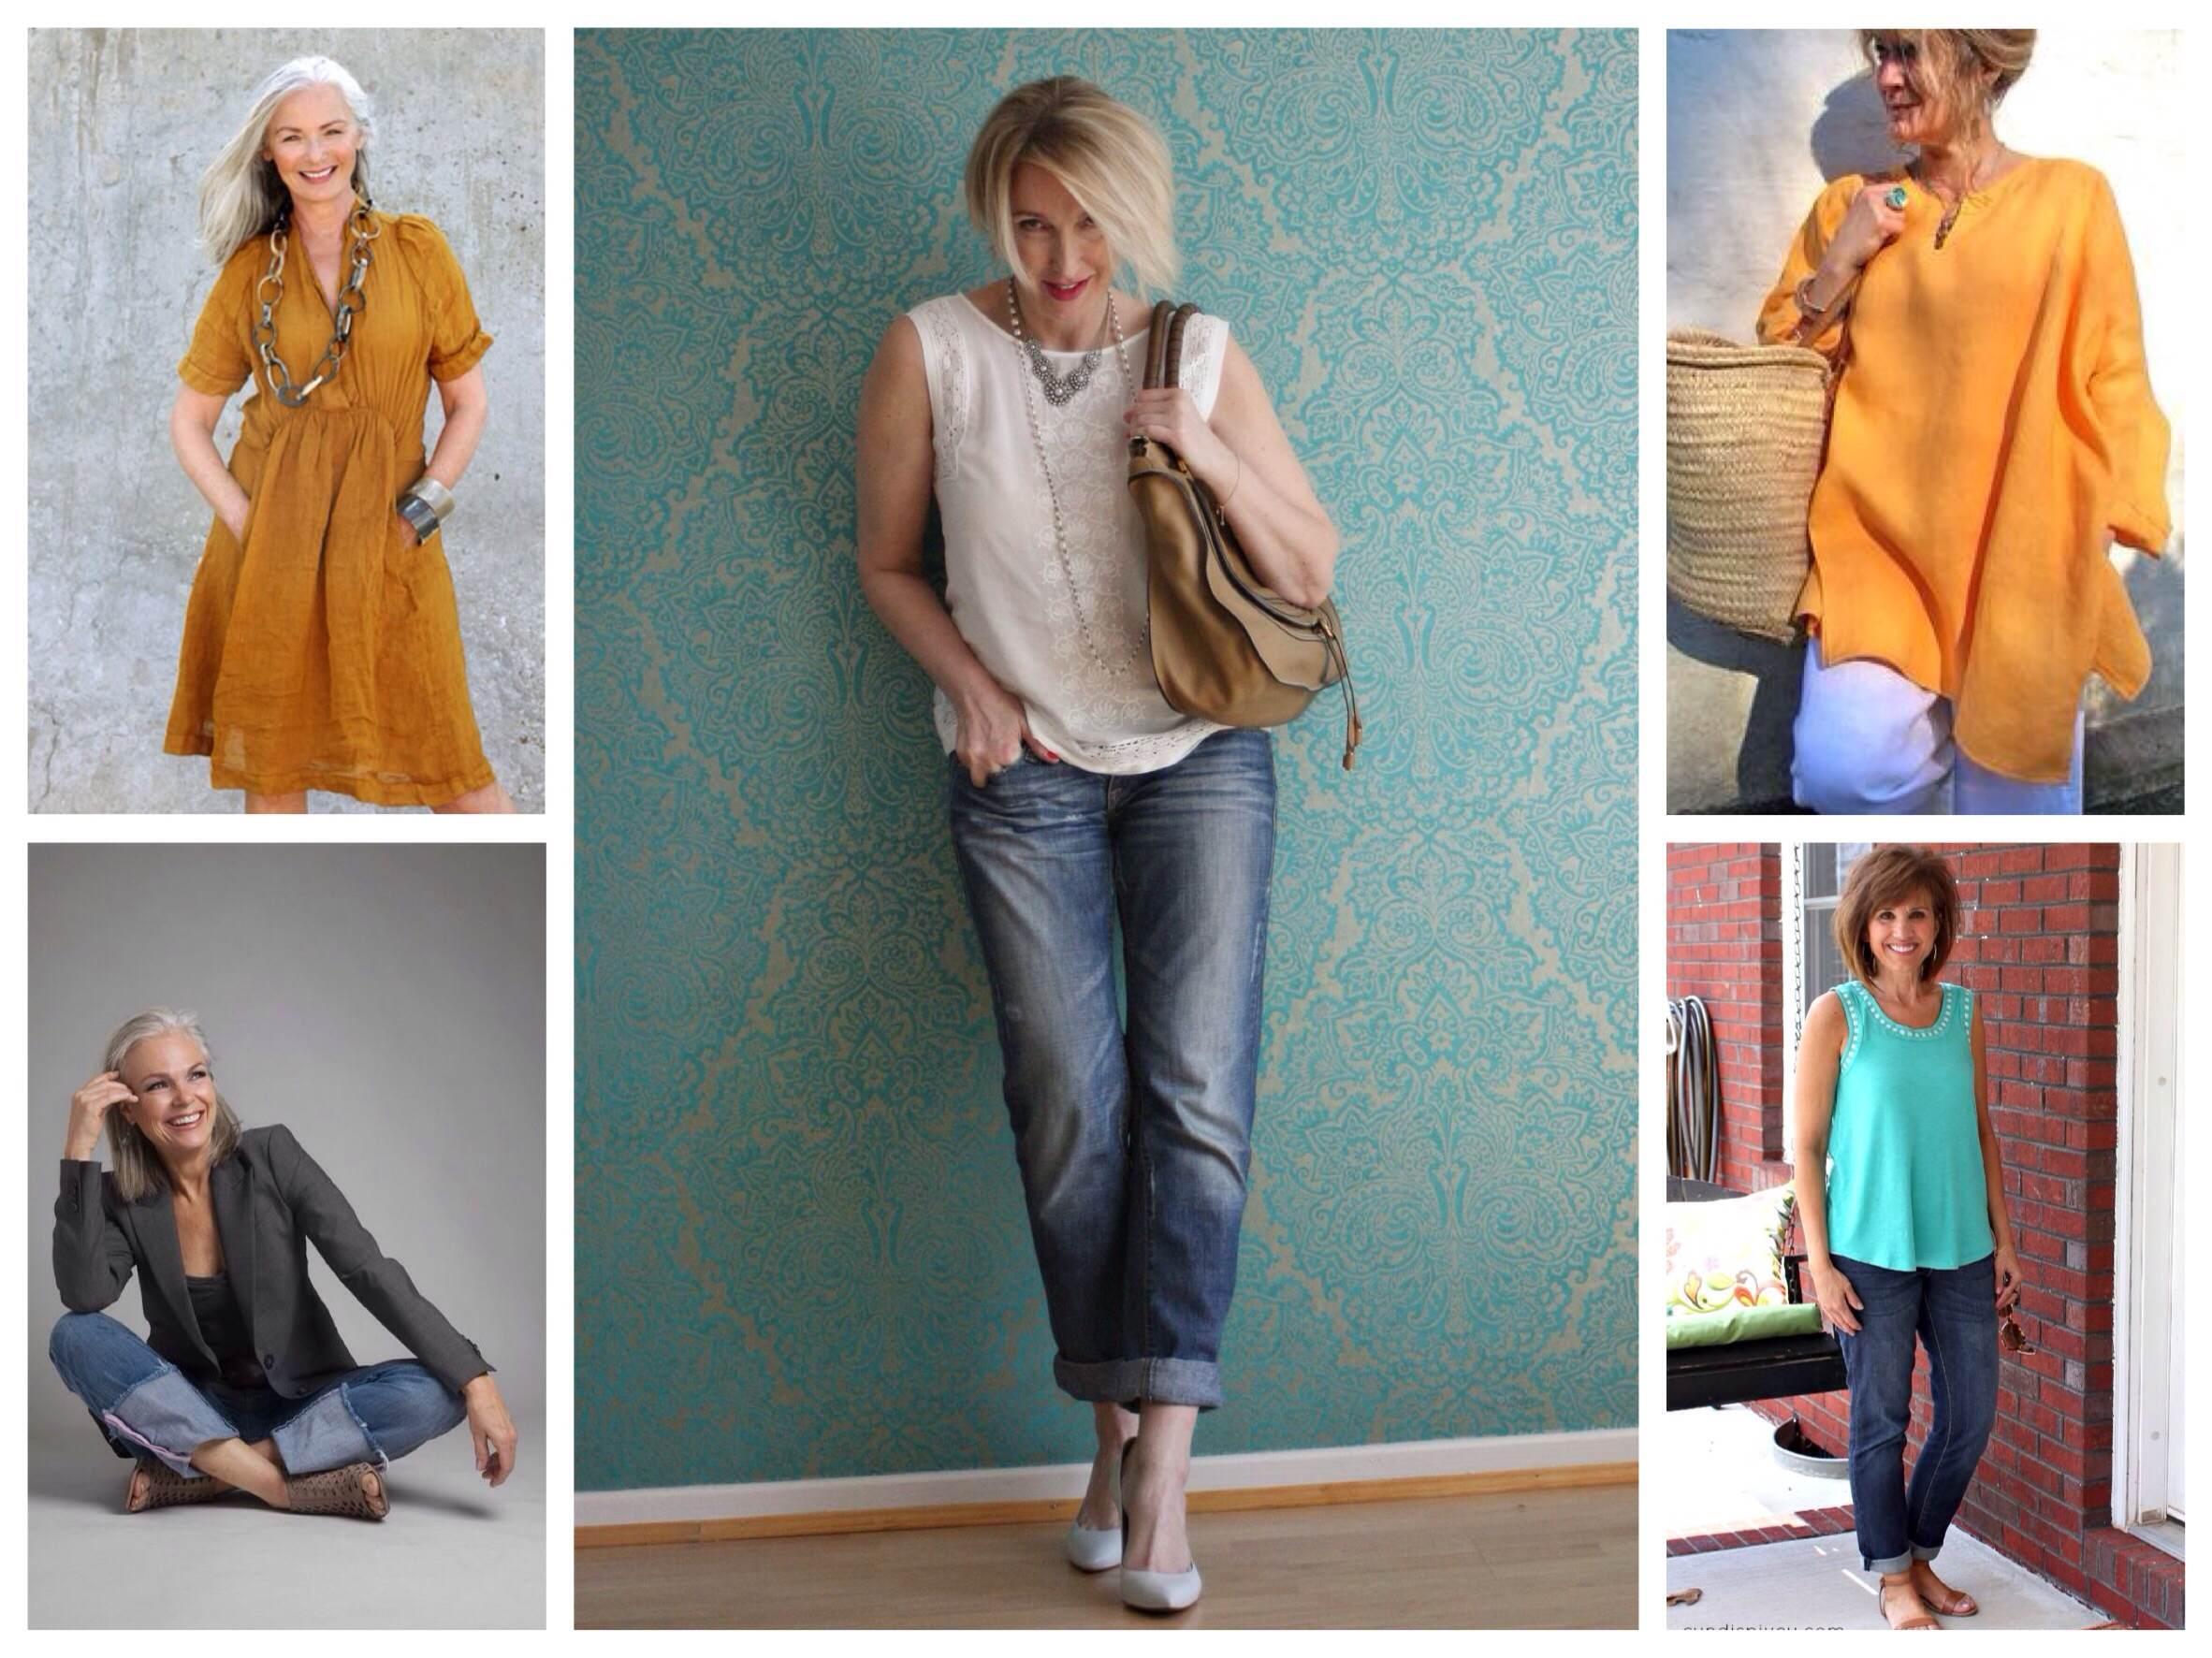 Образы летнего гардероба после 50 лет